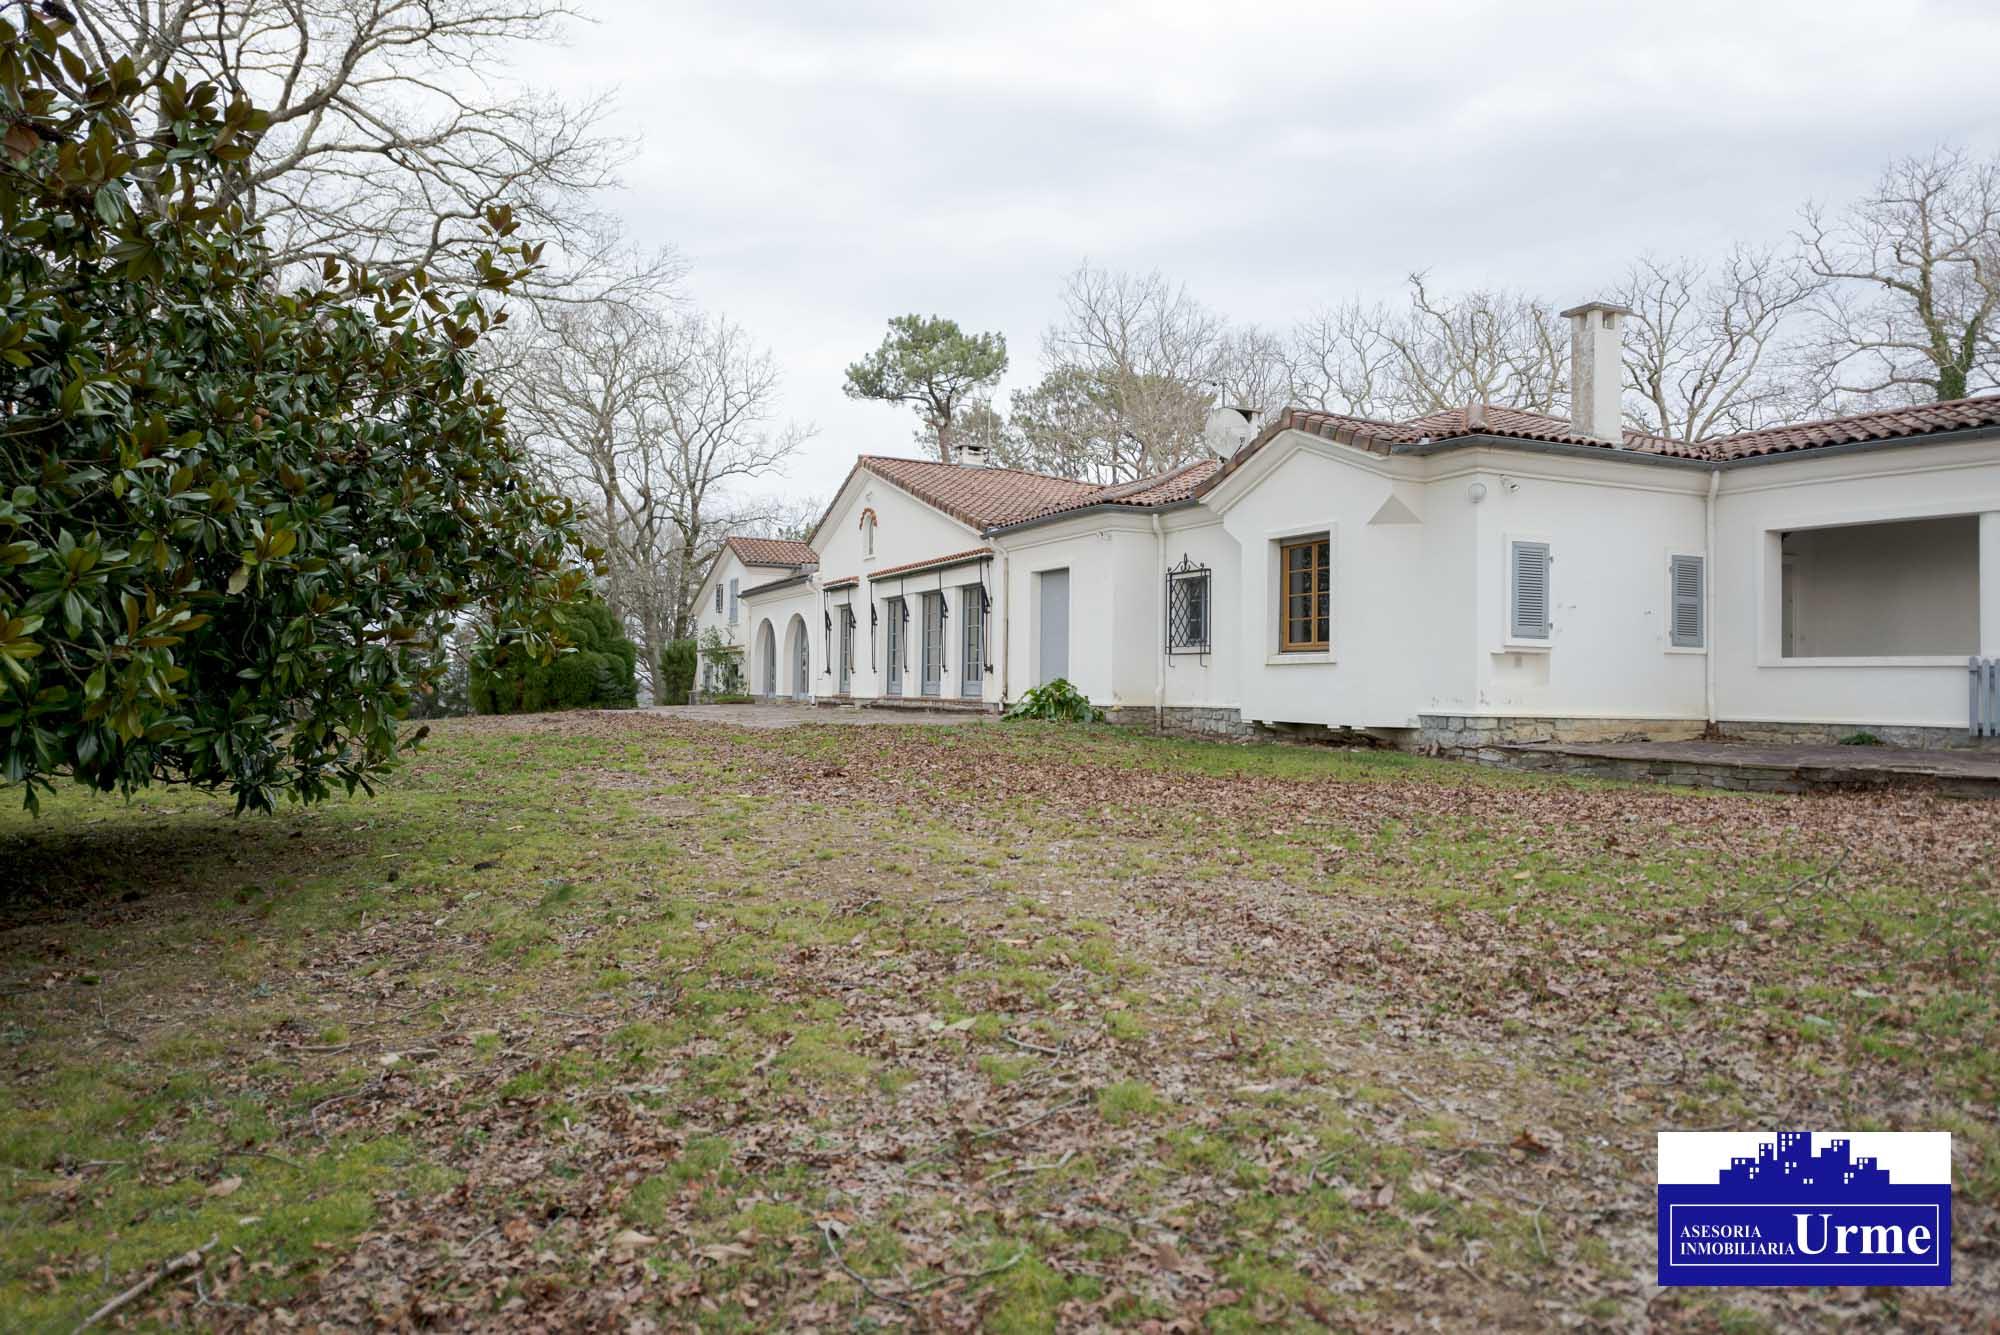 Excepcional propiedad en Iparralde, proxima al Golf Makila!! A pocos minutos de Biarritz.Infinidad de posibilidades!! Descubrela en Urme.